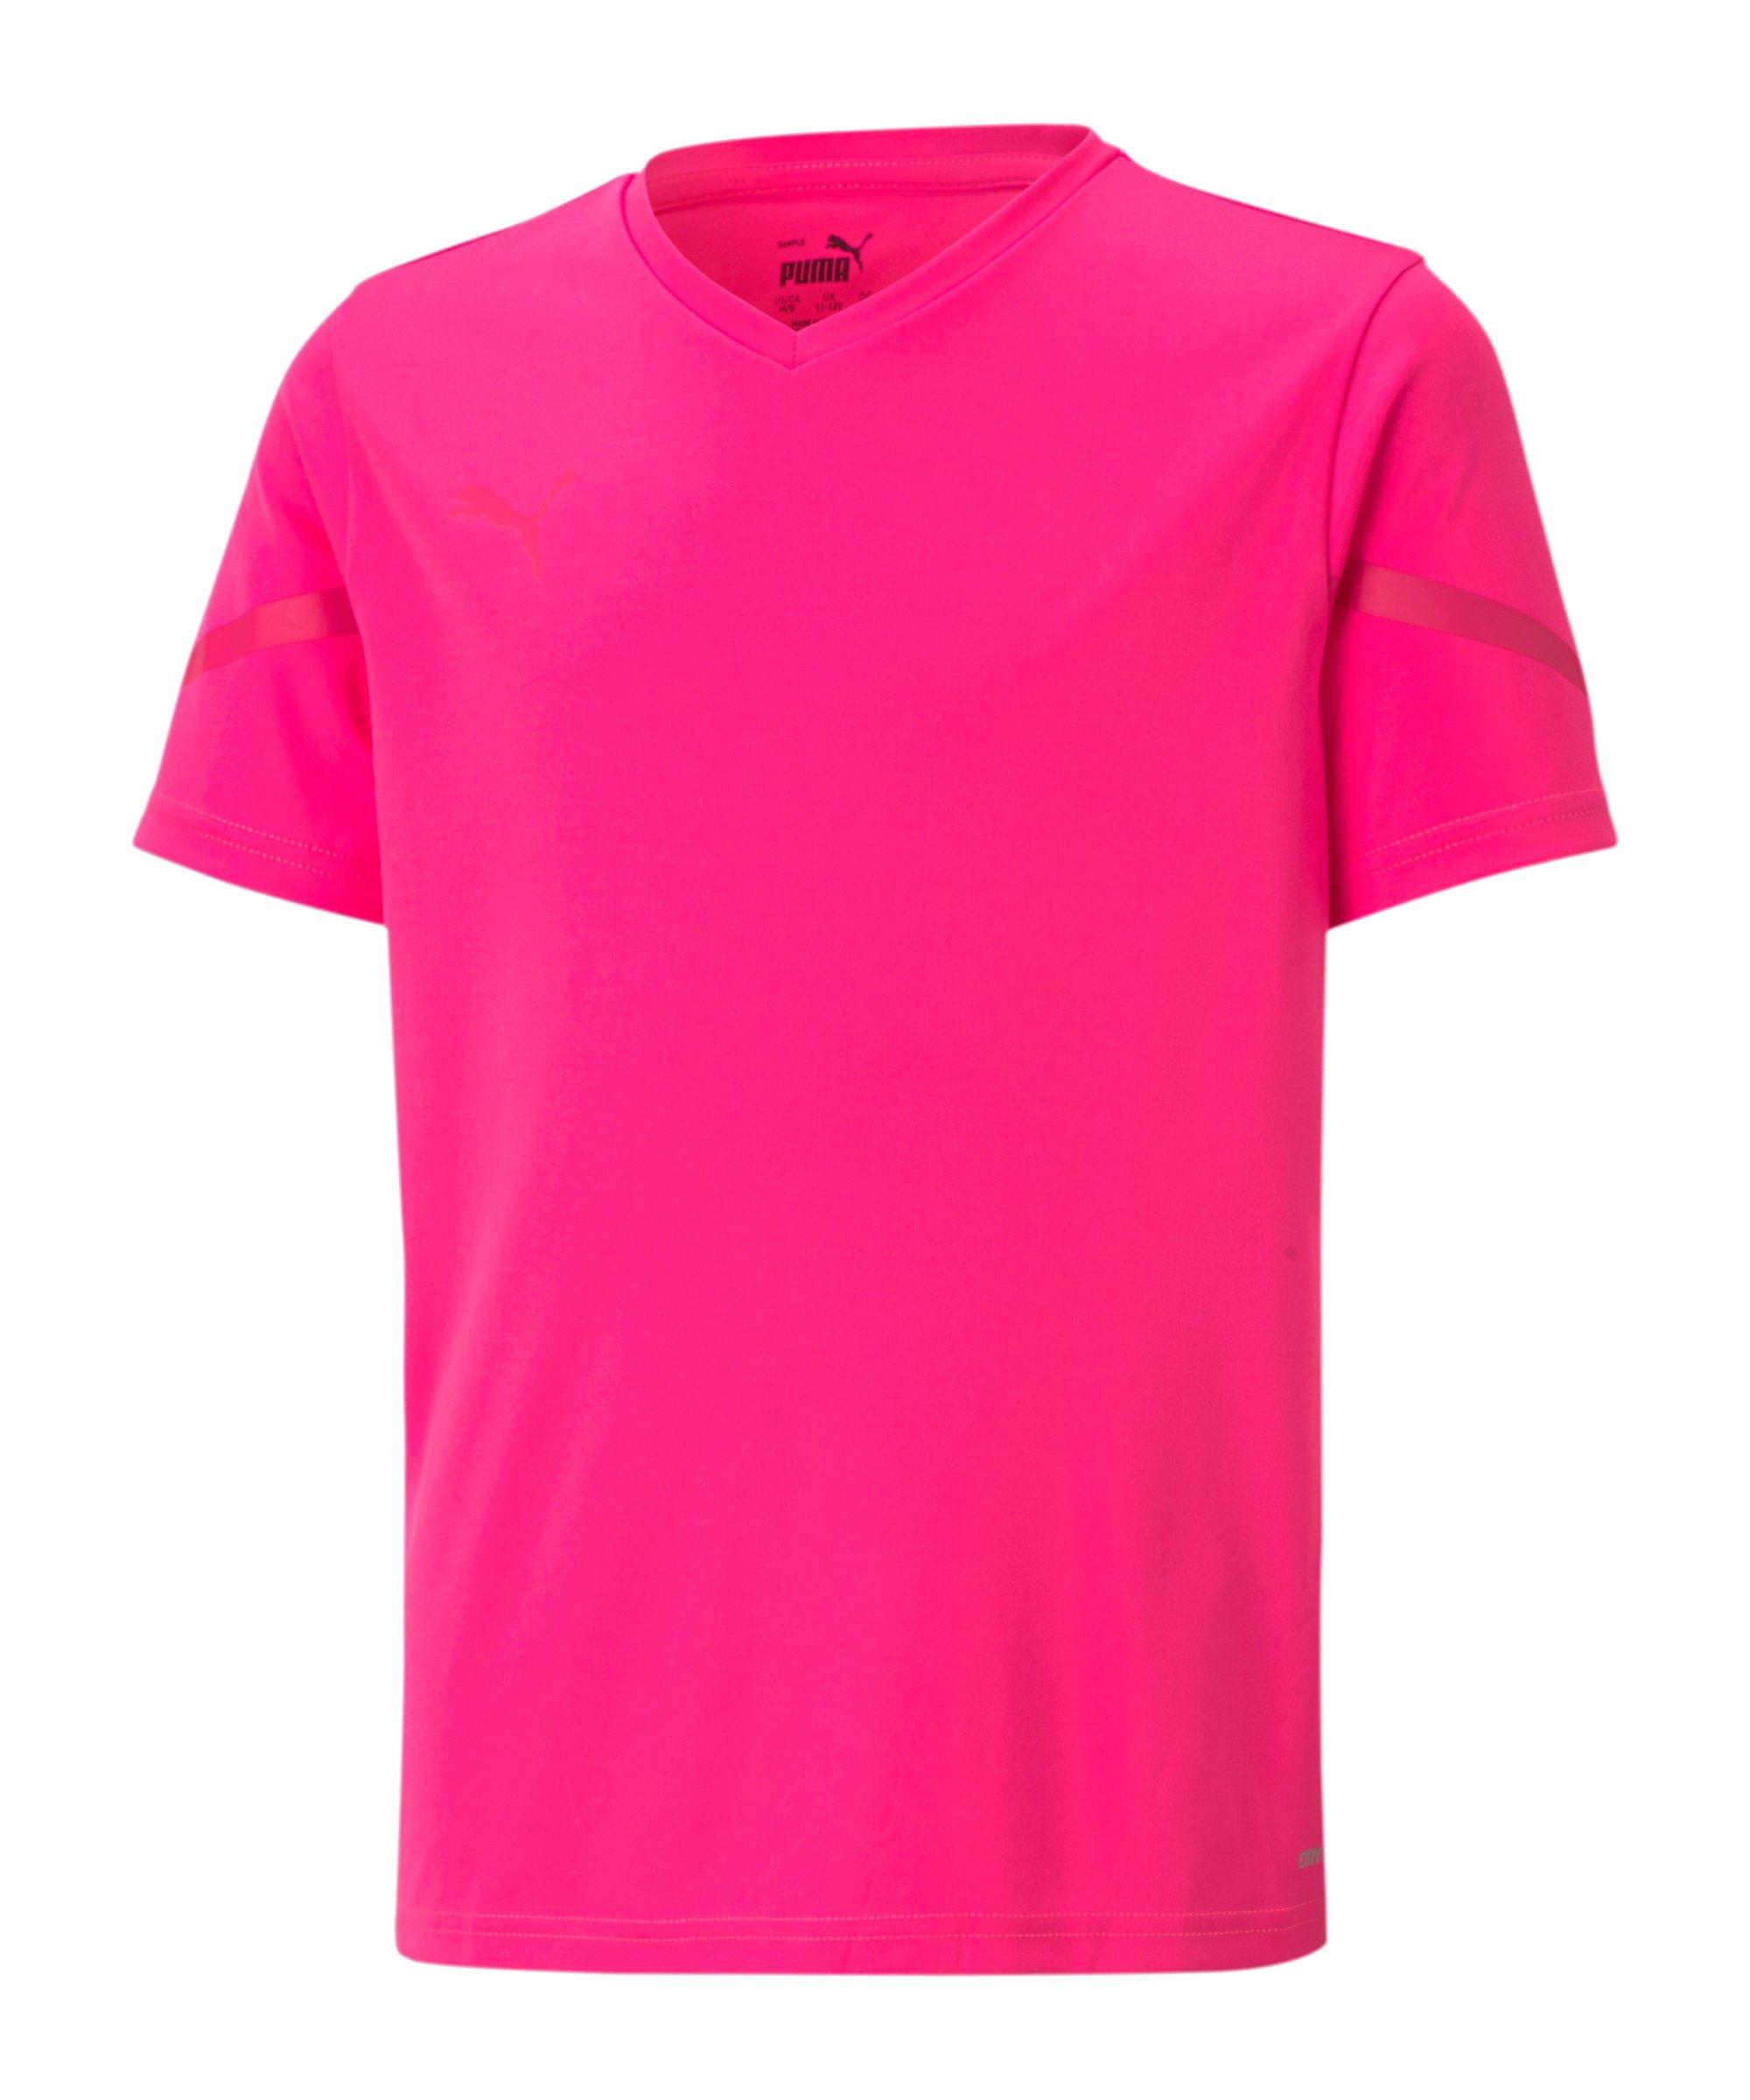 PUMA teamFLASH Trikot Kids Pink F25 - pink